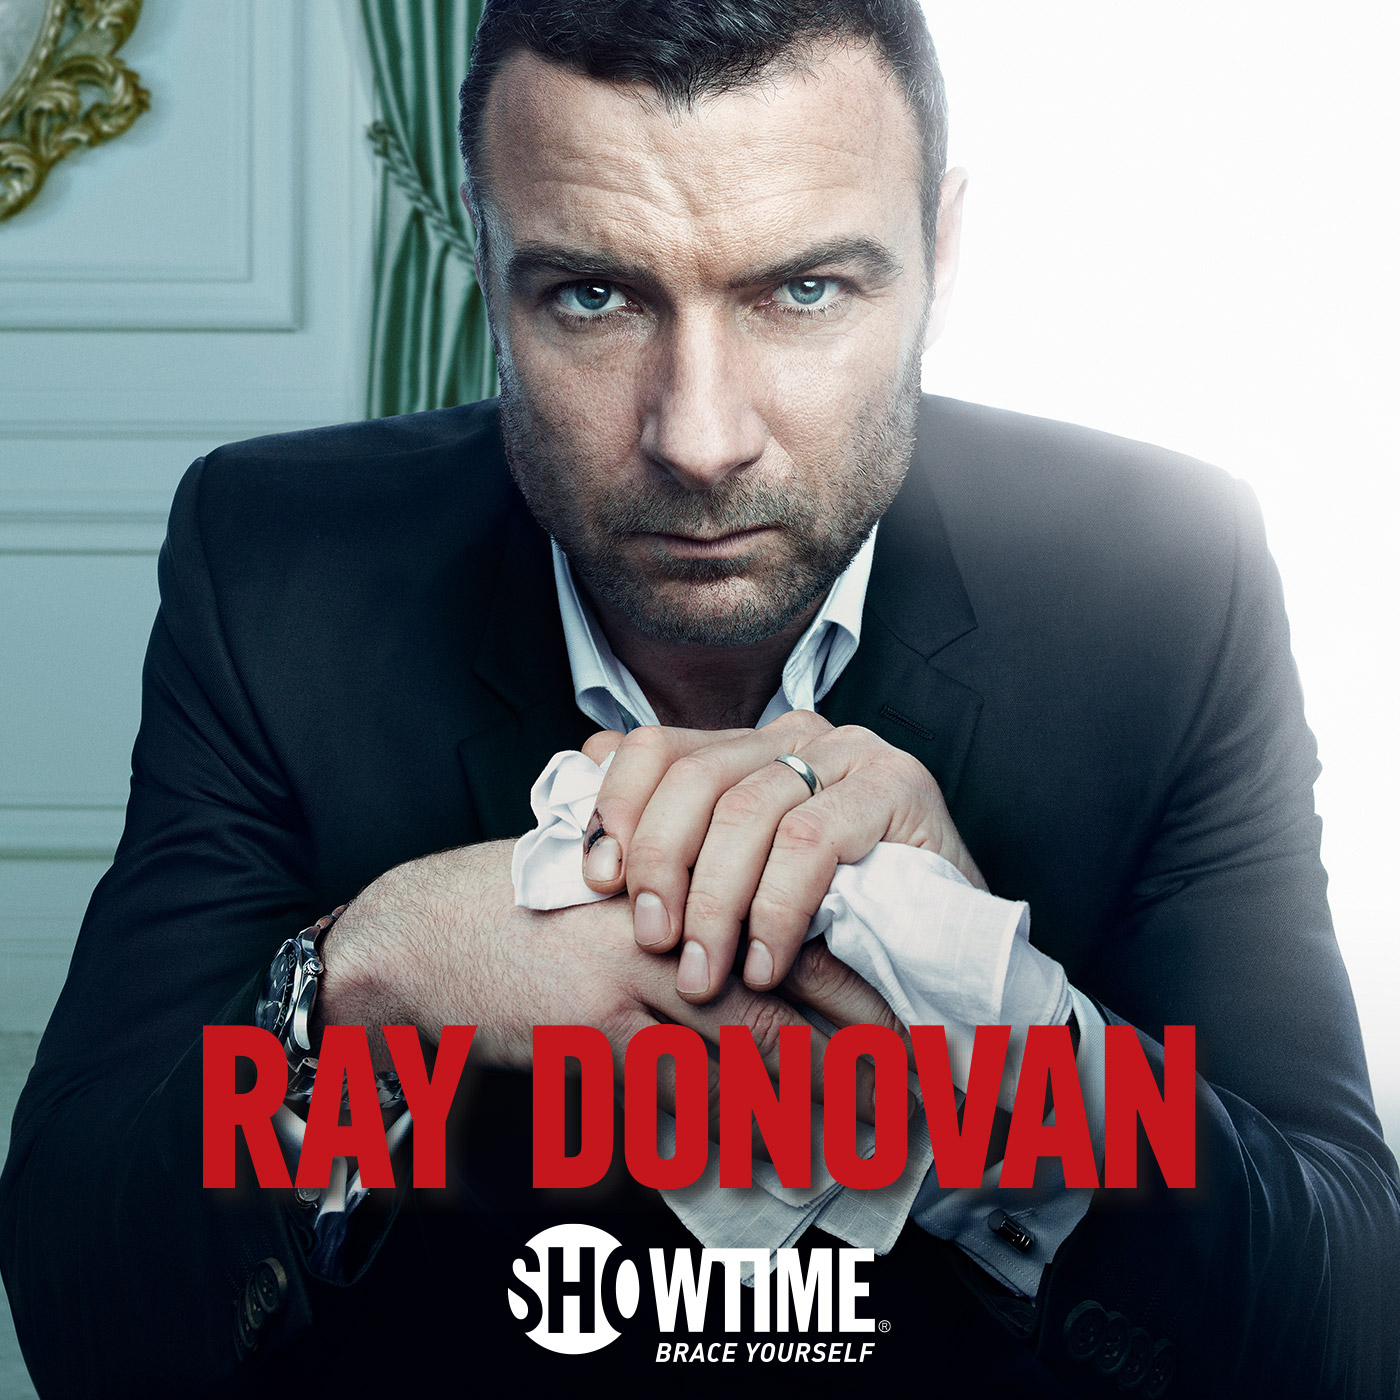 [影集] Ray Donovan (2013~) Ray%20Donovan%20S1%20iTunes%20Podcast